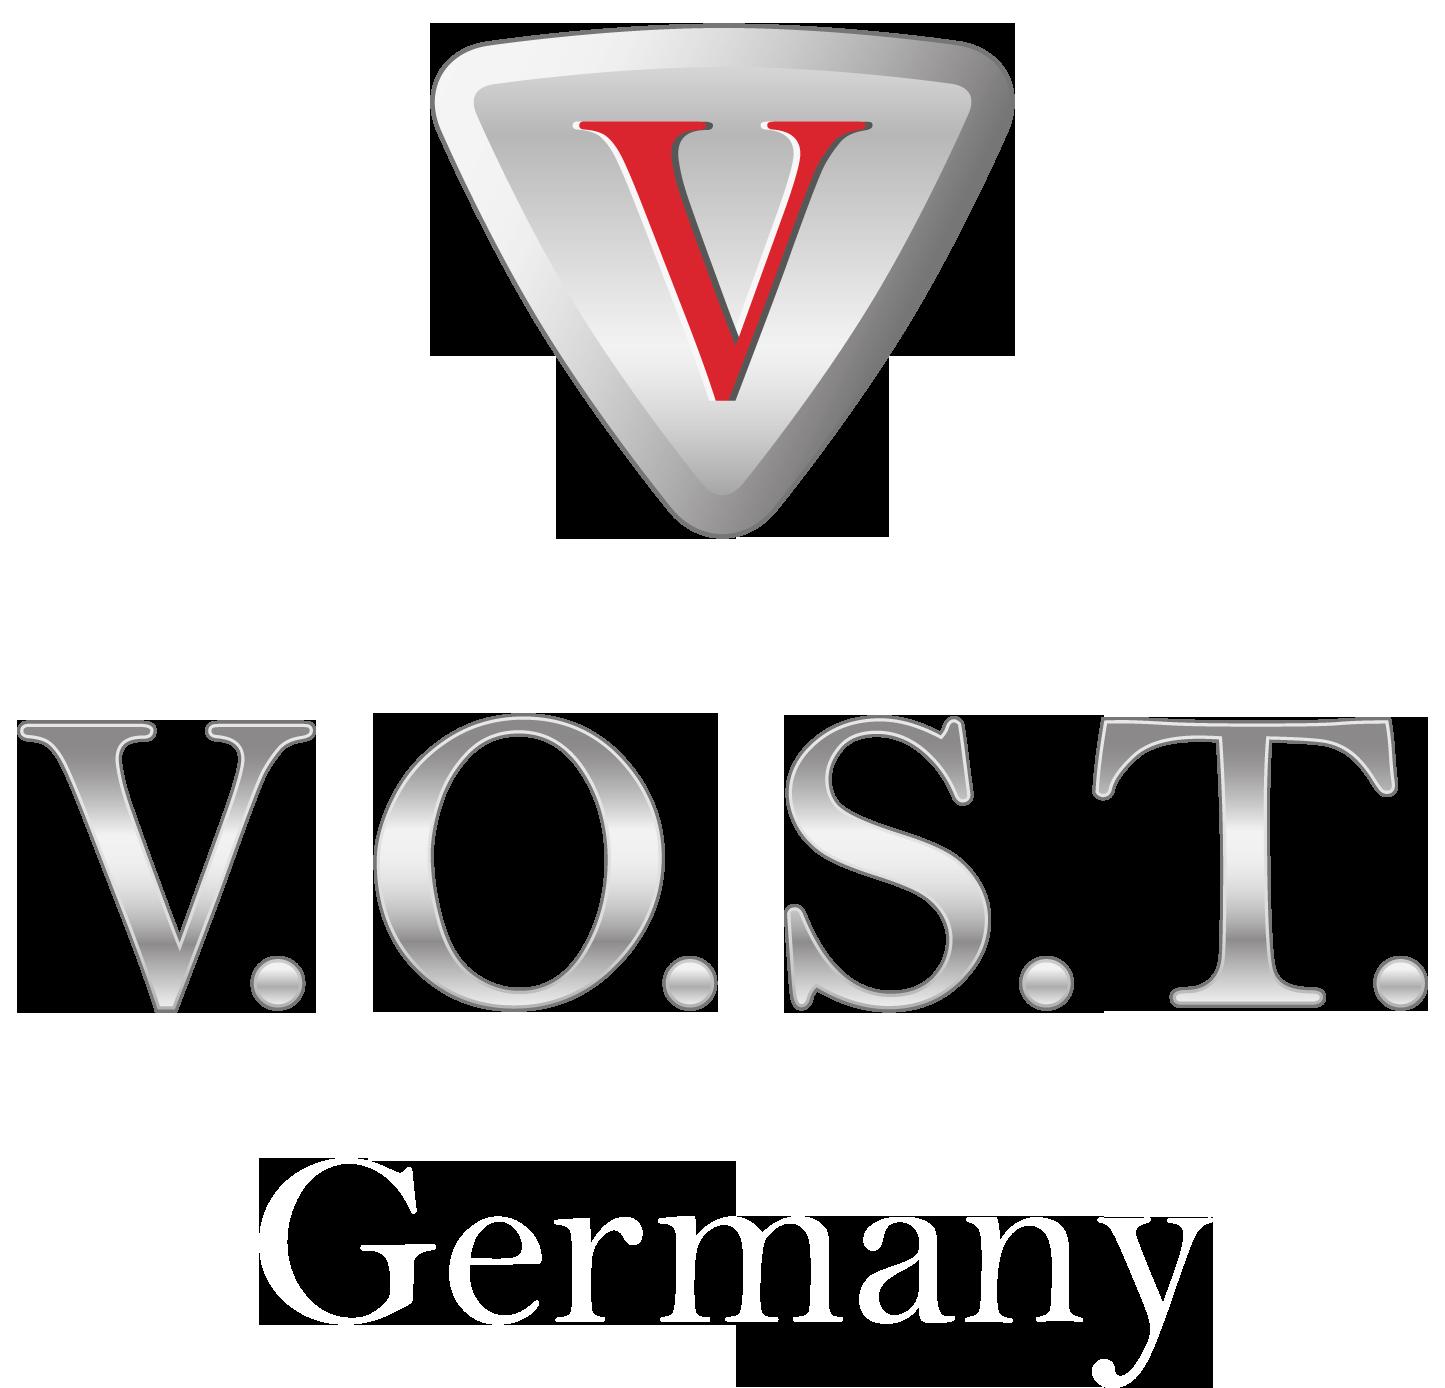 V.O.S.T.